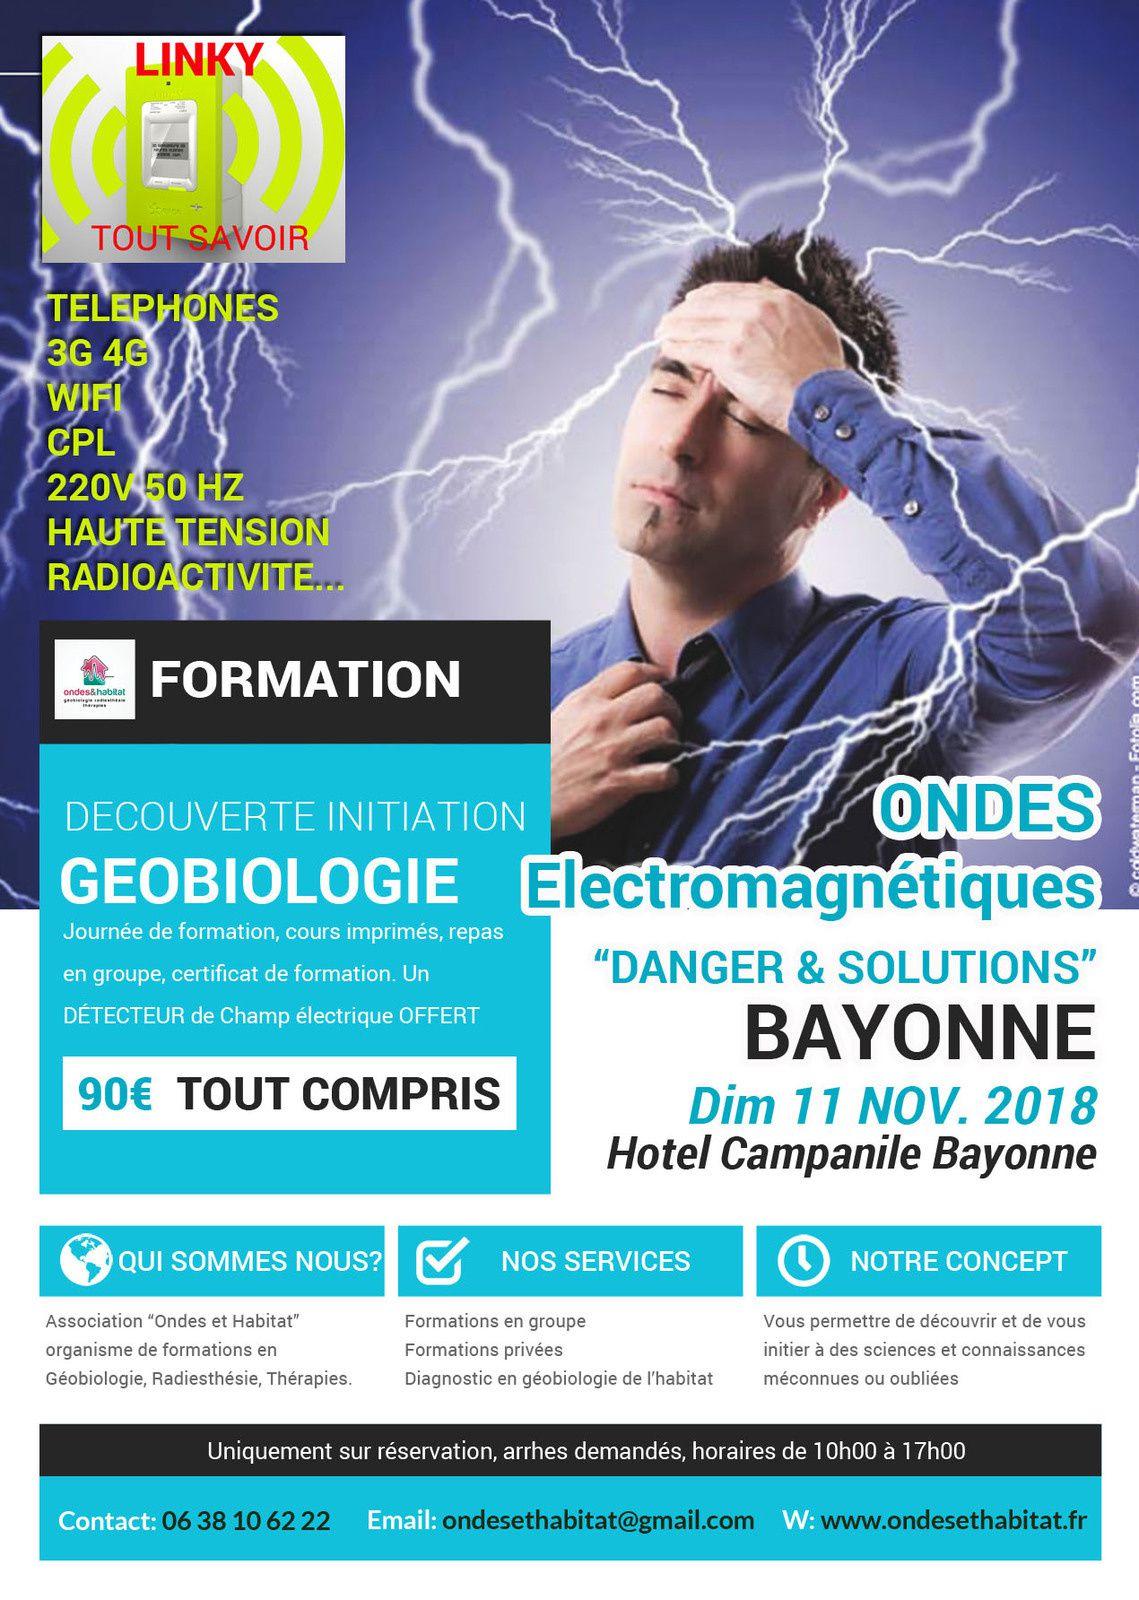 """BAYONNE Formation Géobiologie : """"Ondes Electromagnétiques, Danger & Solutions"""" Découverte initiation"""